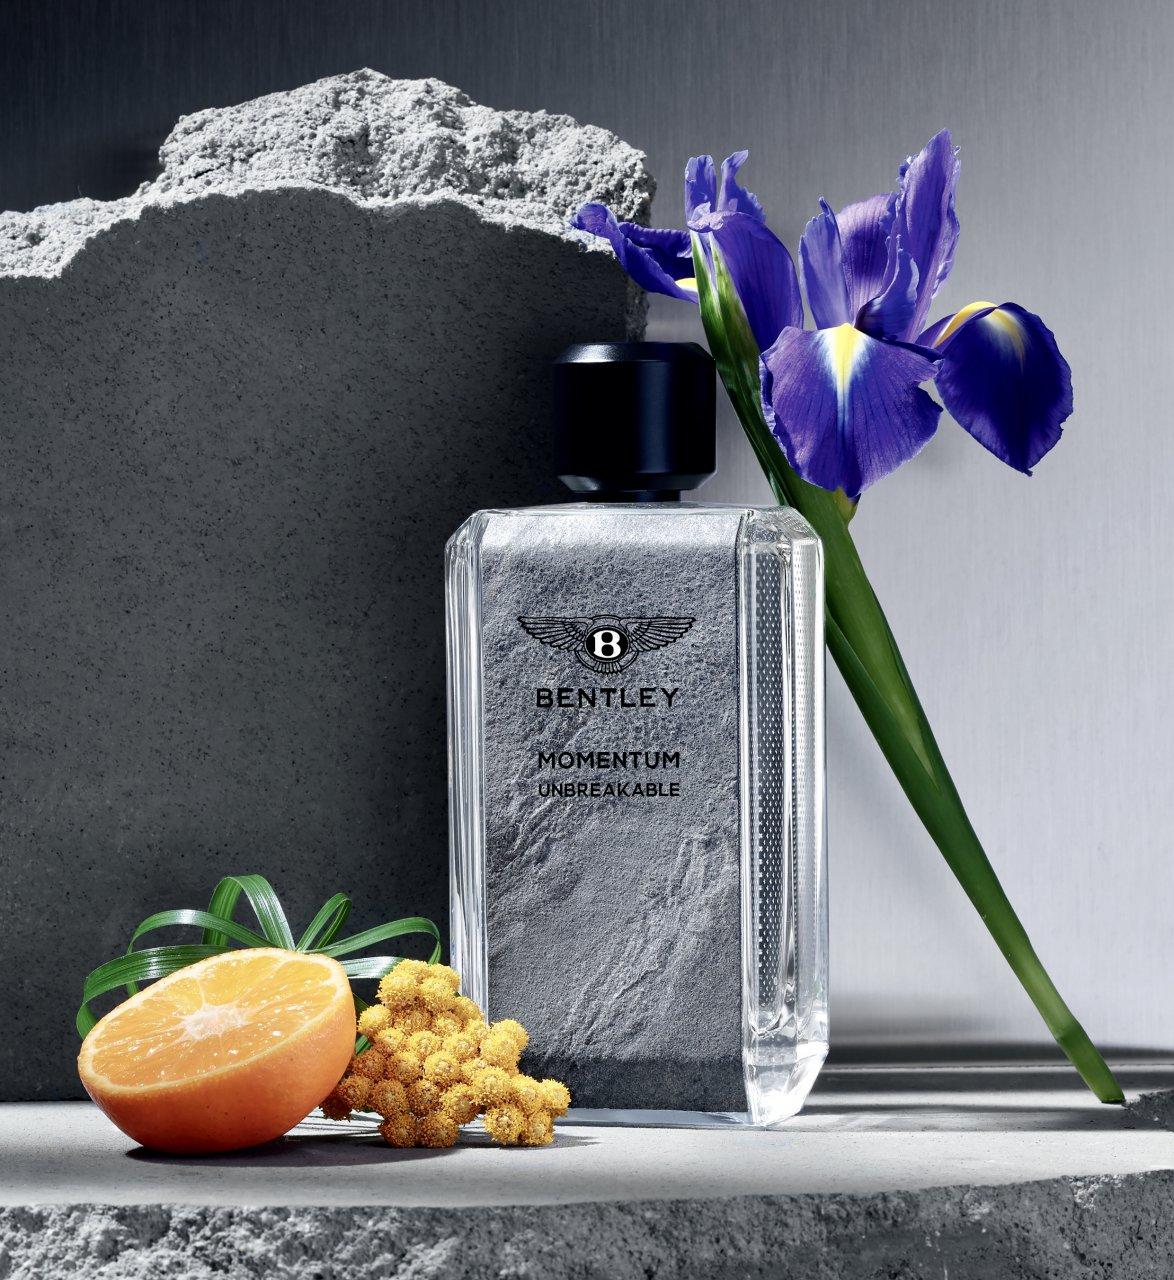 Bentley's newest scent for men: Momentum Unbreakable